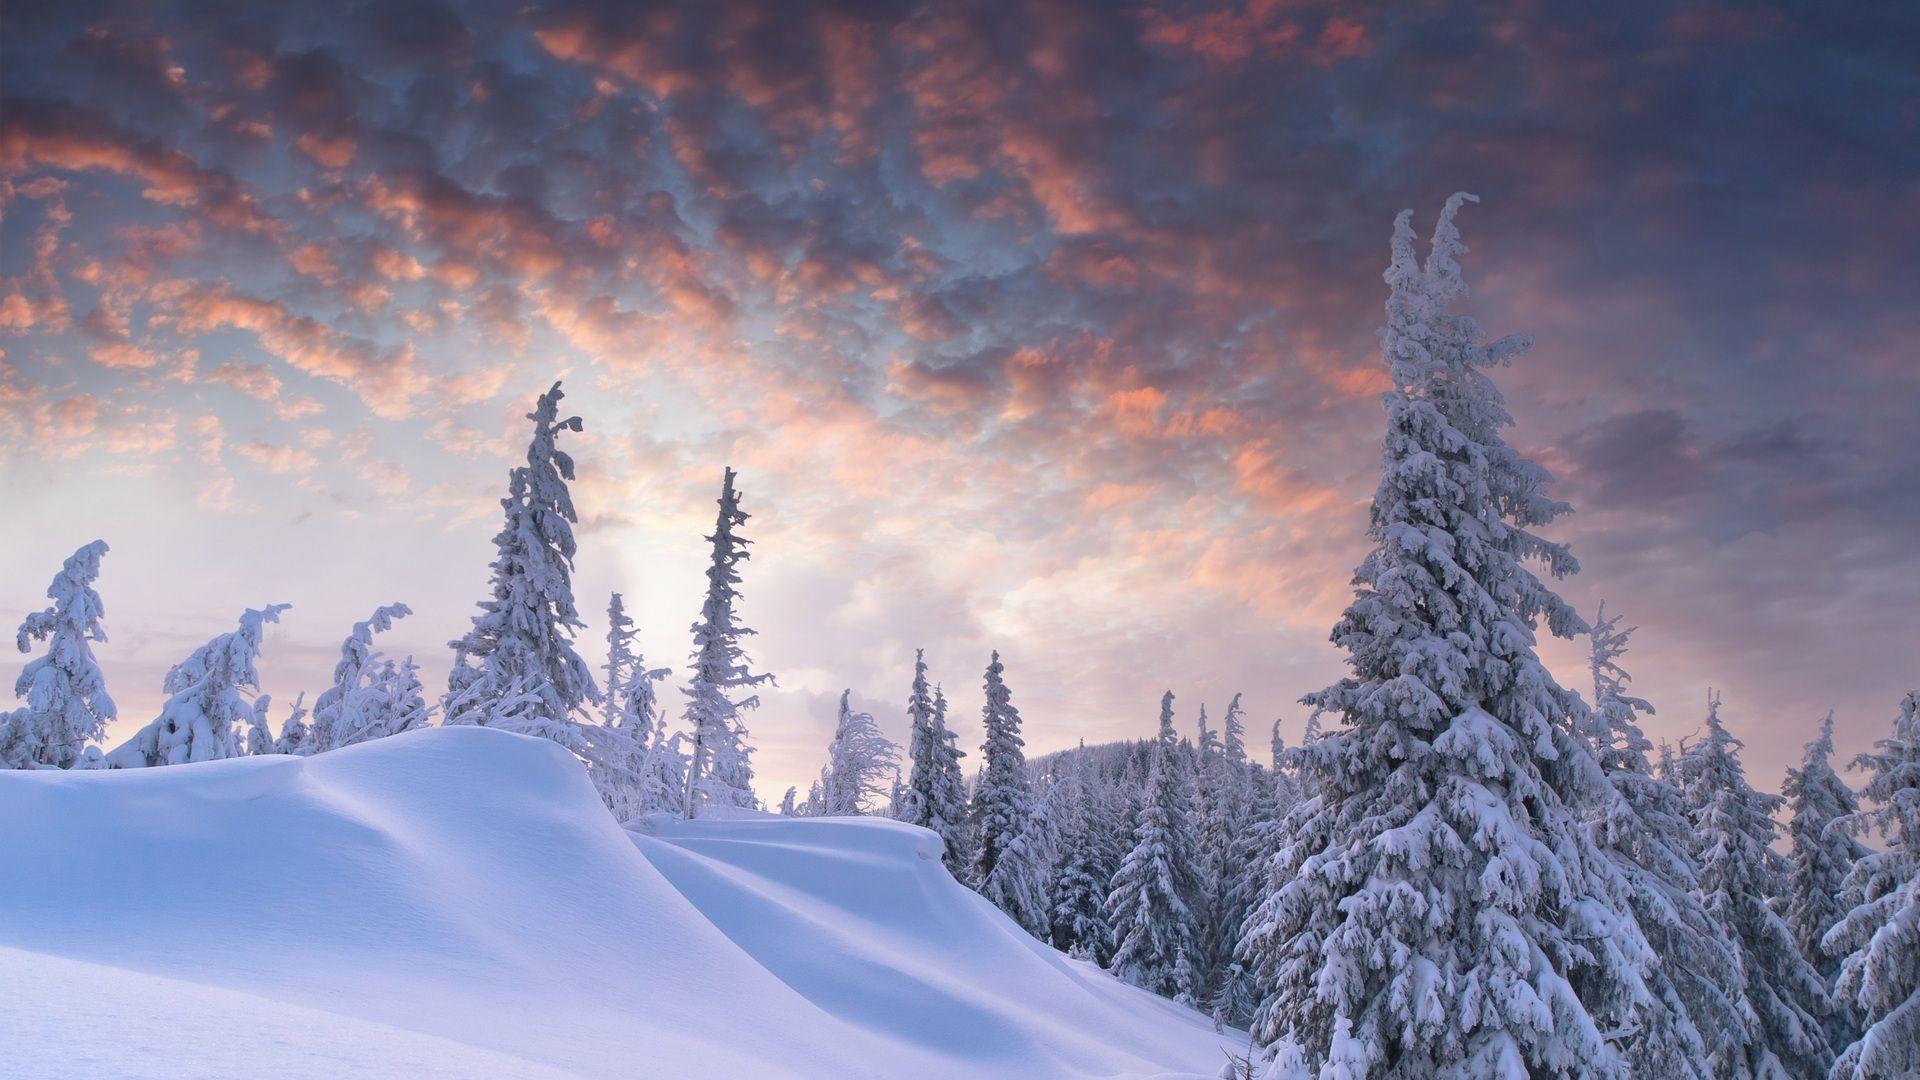 Winter Scenes Desktop Wallpaper, Winter Scenes Backgrounds